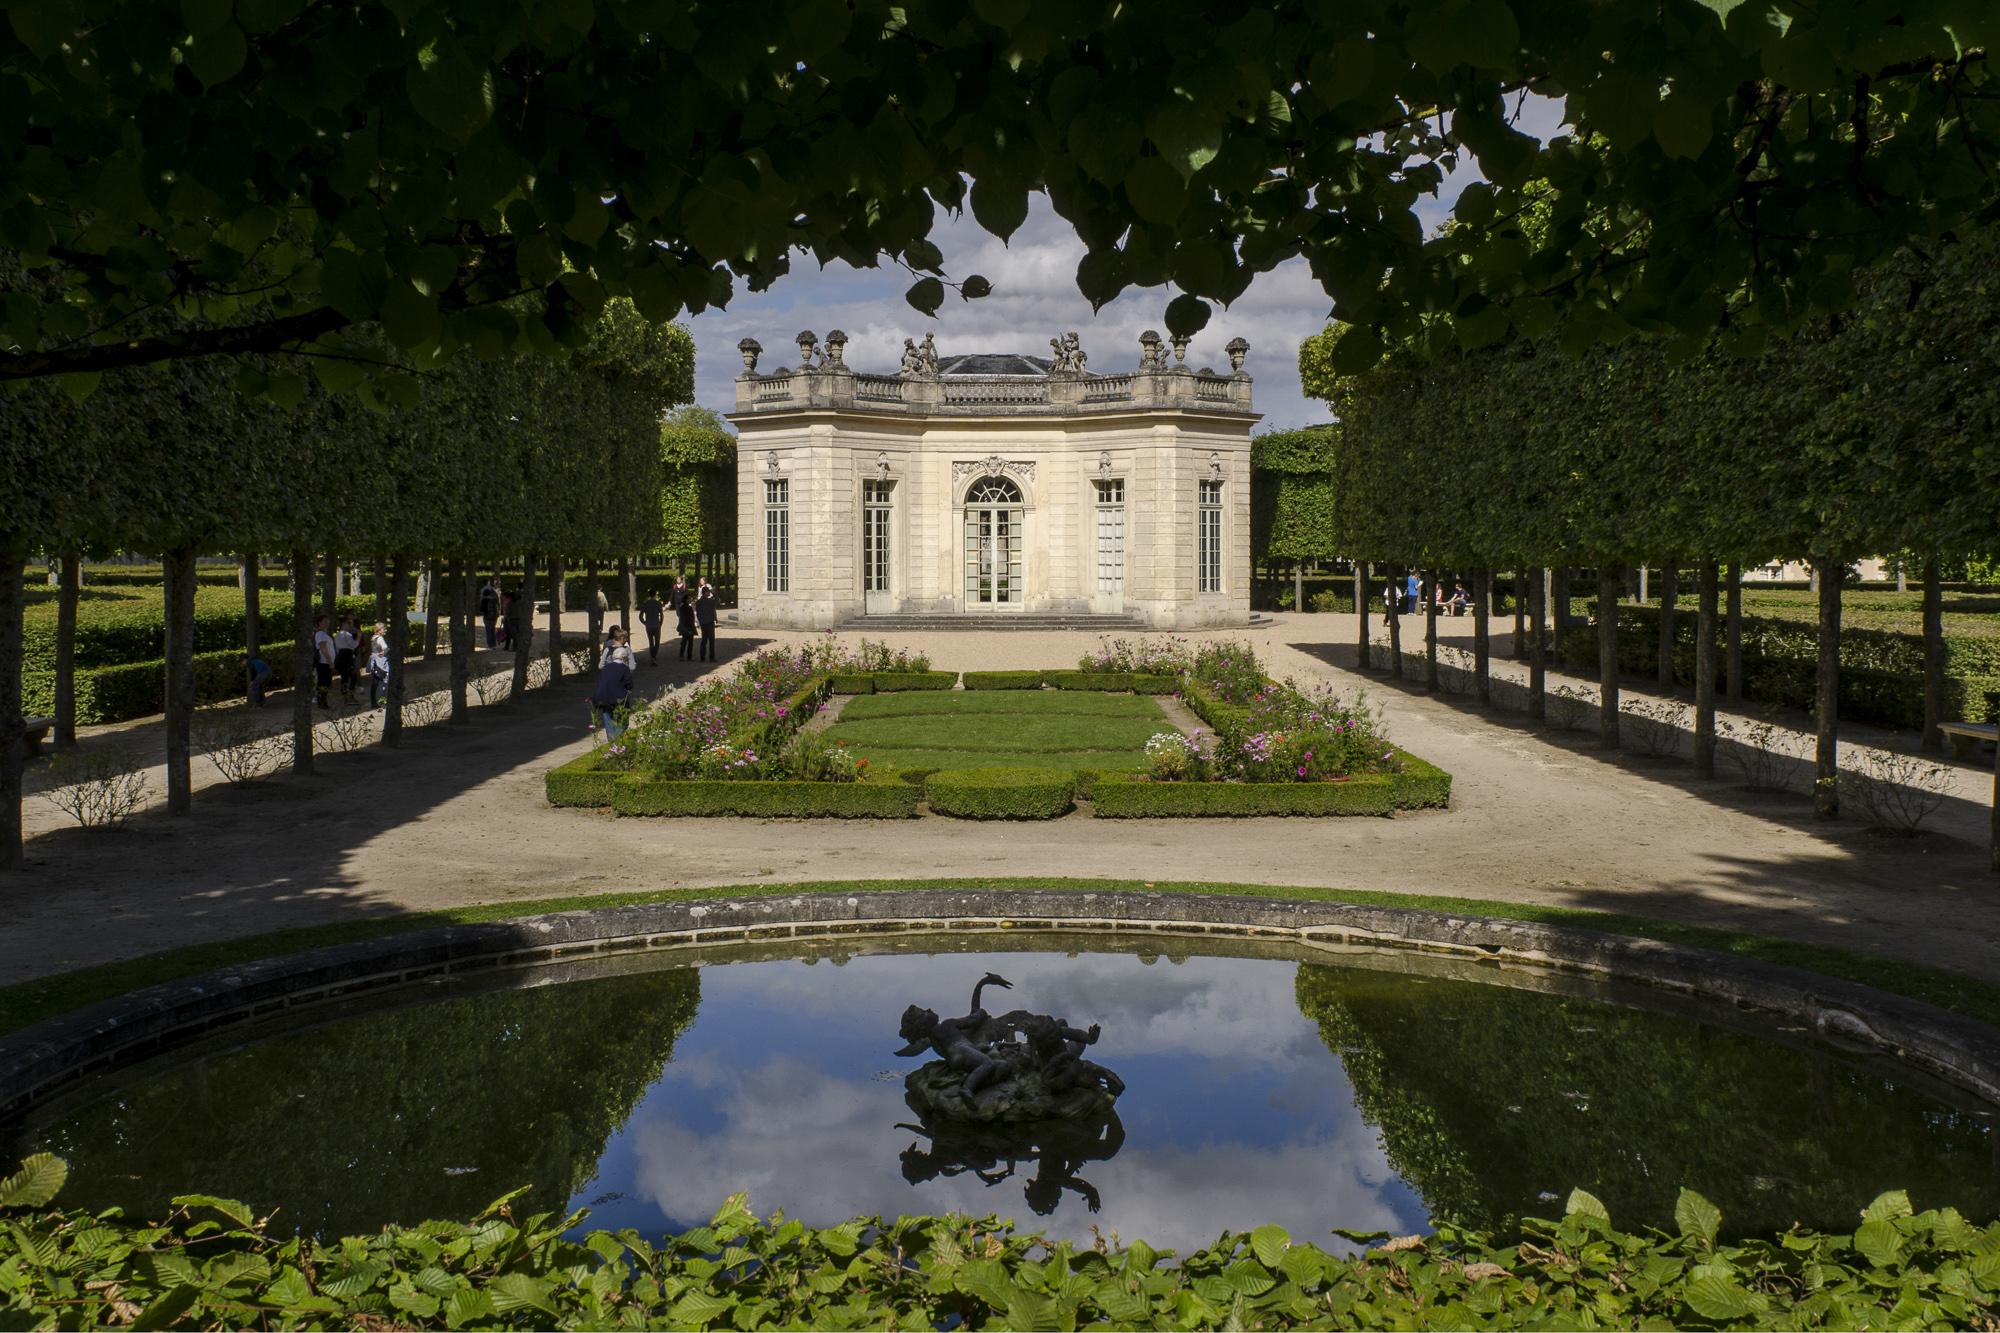 The French Pavilion - Versailles  PHOTOGRAPHY: ALEXANDER J.E. BRADLEY • NIKON D7000 • AF-S NIKKOR 24-70mm ƒ/2.8G ED @ 24MM • ƒ/14 • 1/125 • ISO 100